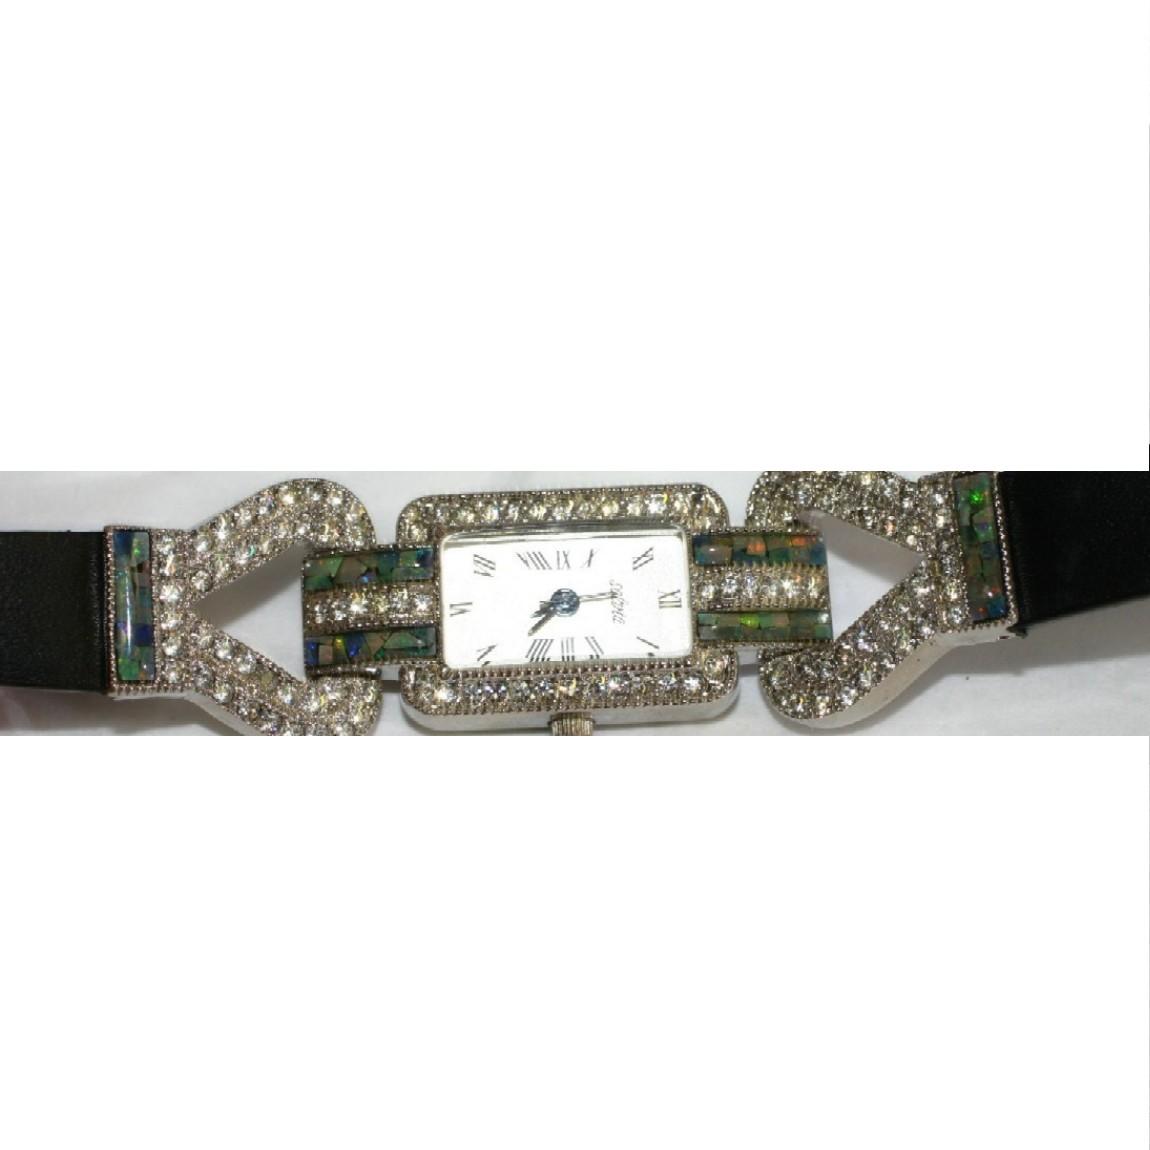 【中古】本物女性用SALVIAサルヴィアの宝飾時計全体に綺麗なラインストーン埋め込みオパールもついているHD184 1ヶ月保障つき 300205-5